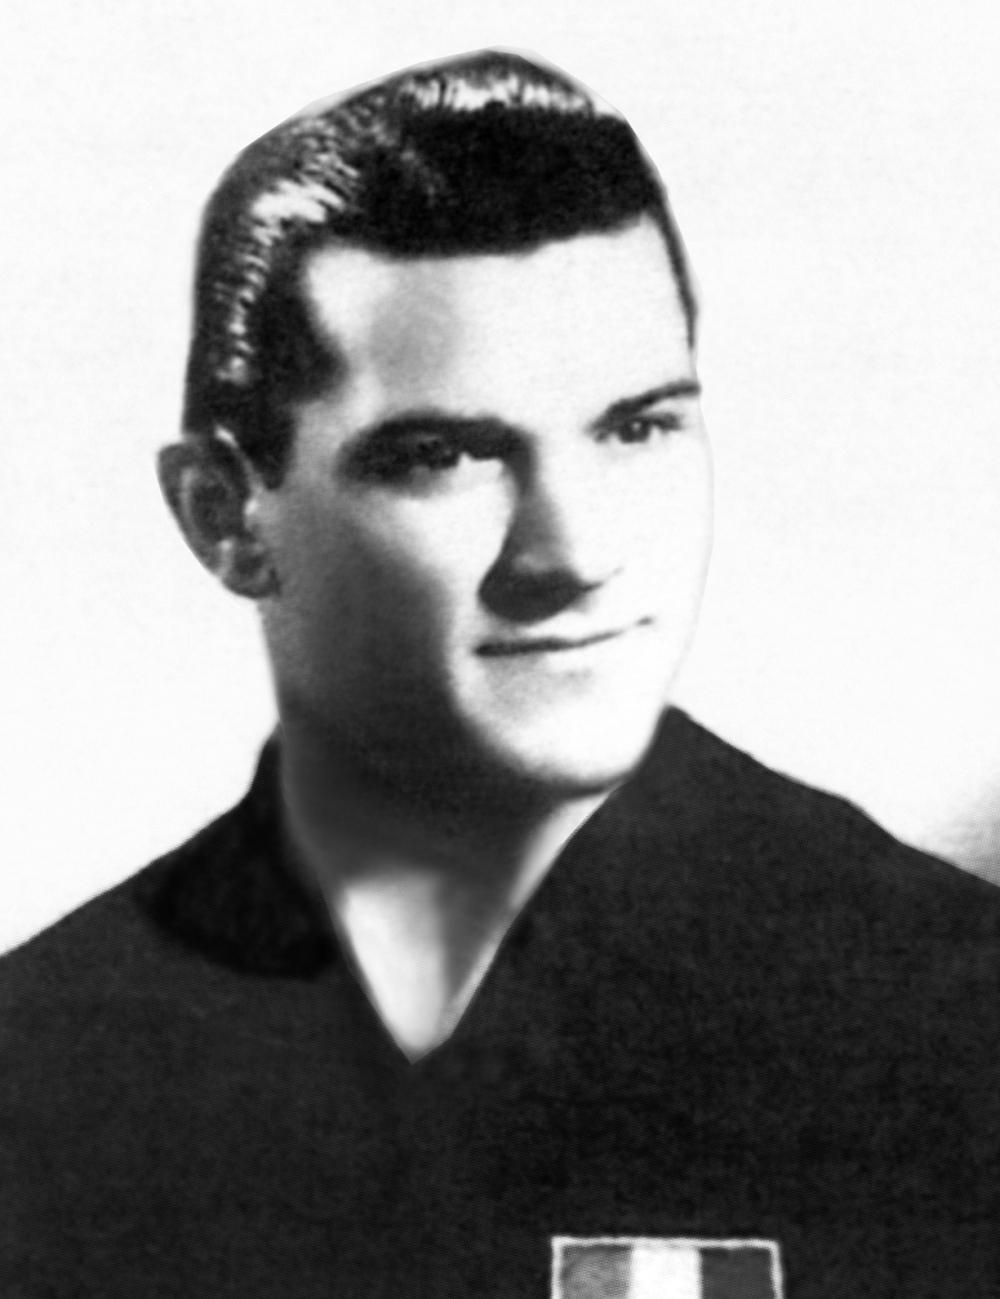 Emile Bongiorni